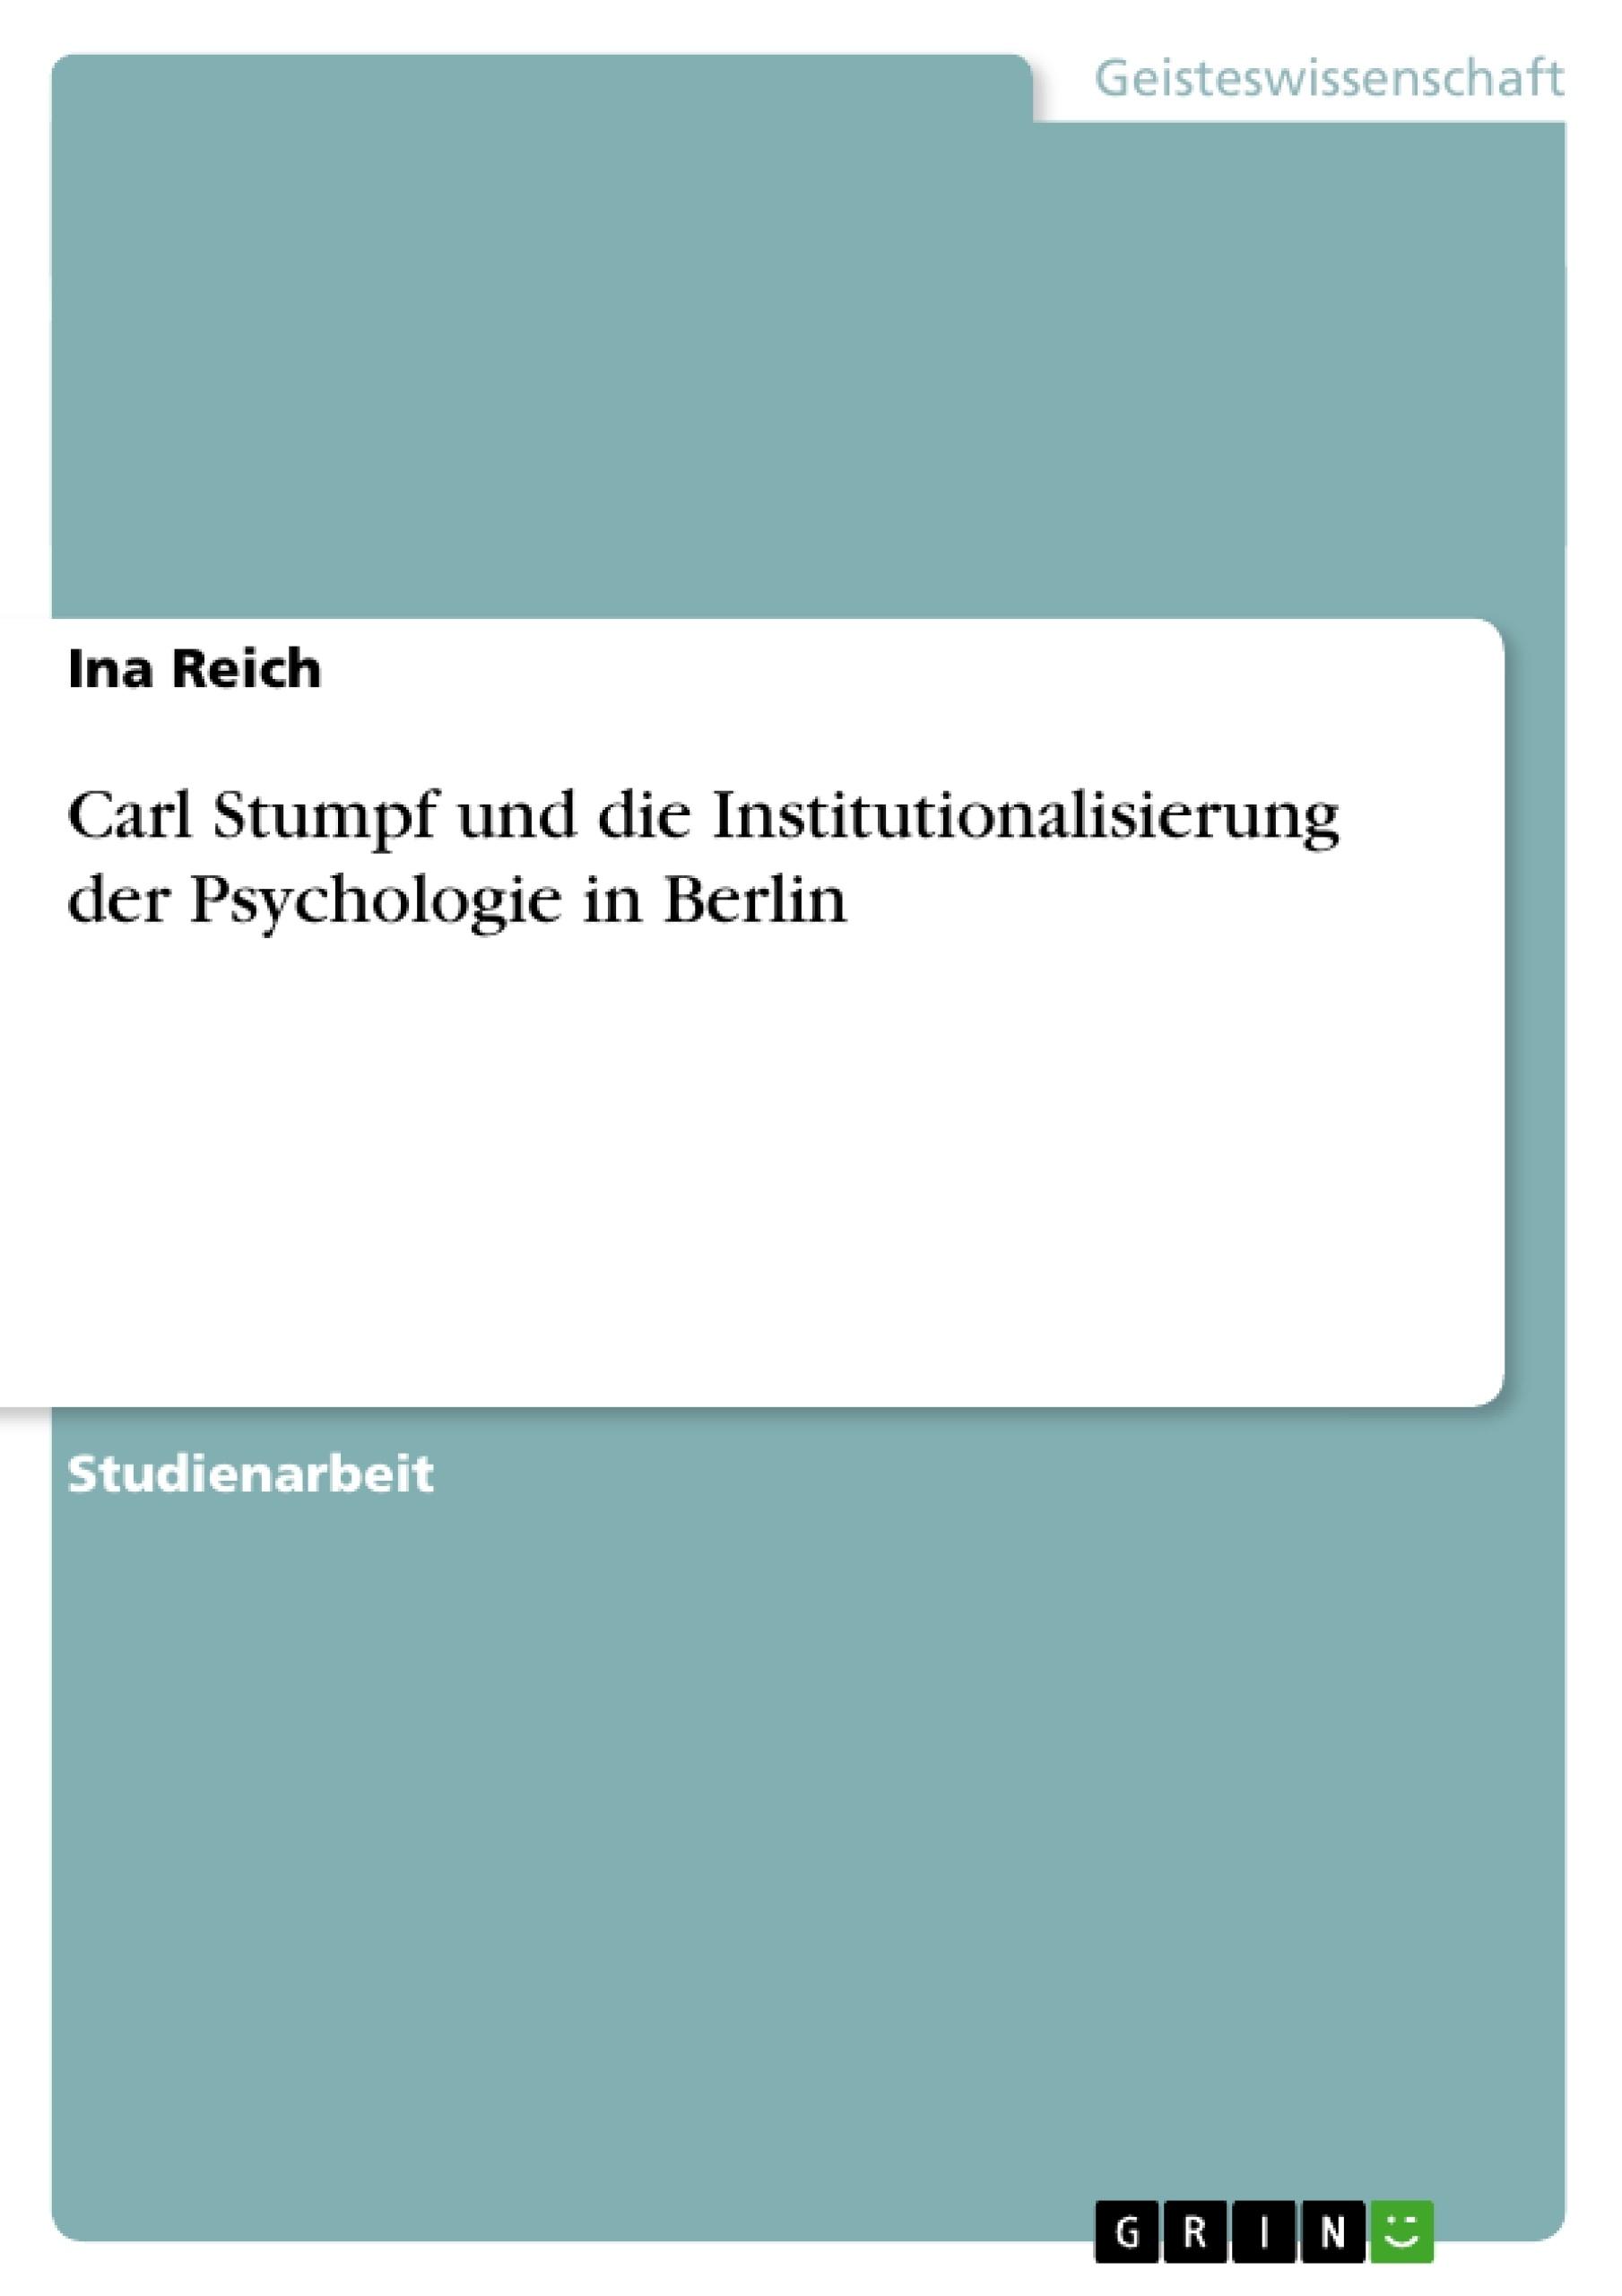 Titel: Carl Stumpf und die Institutionalisierung der Psychologie in Berlin